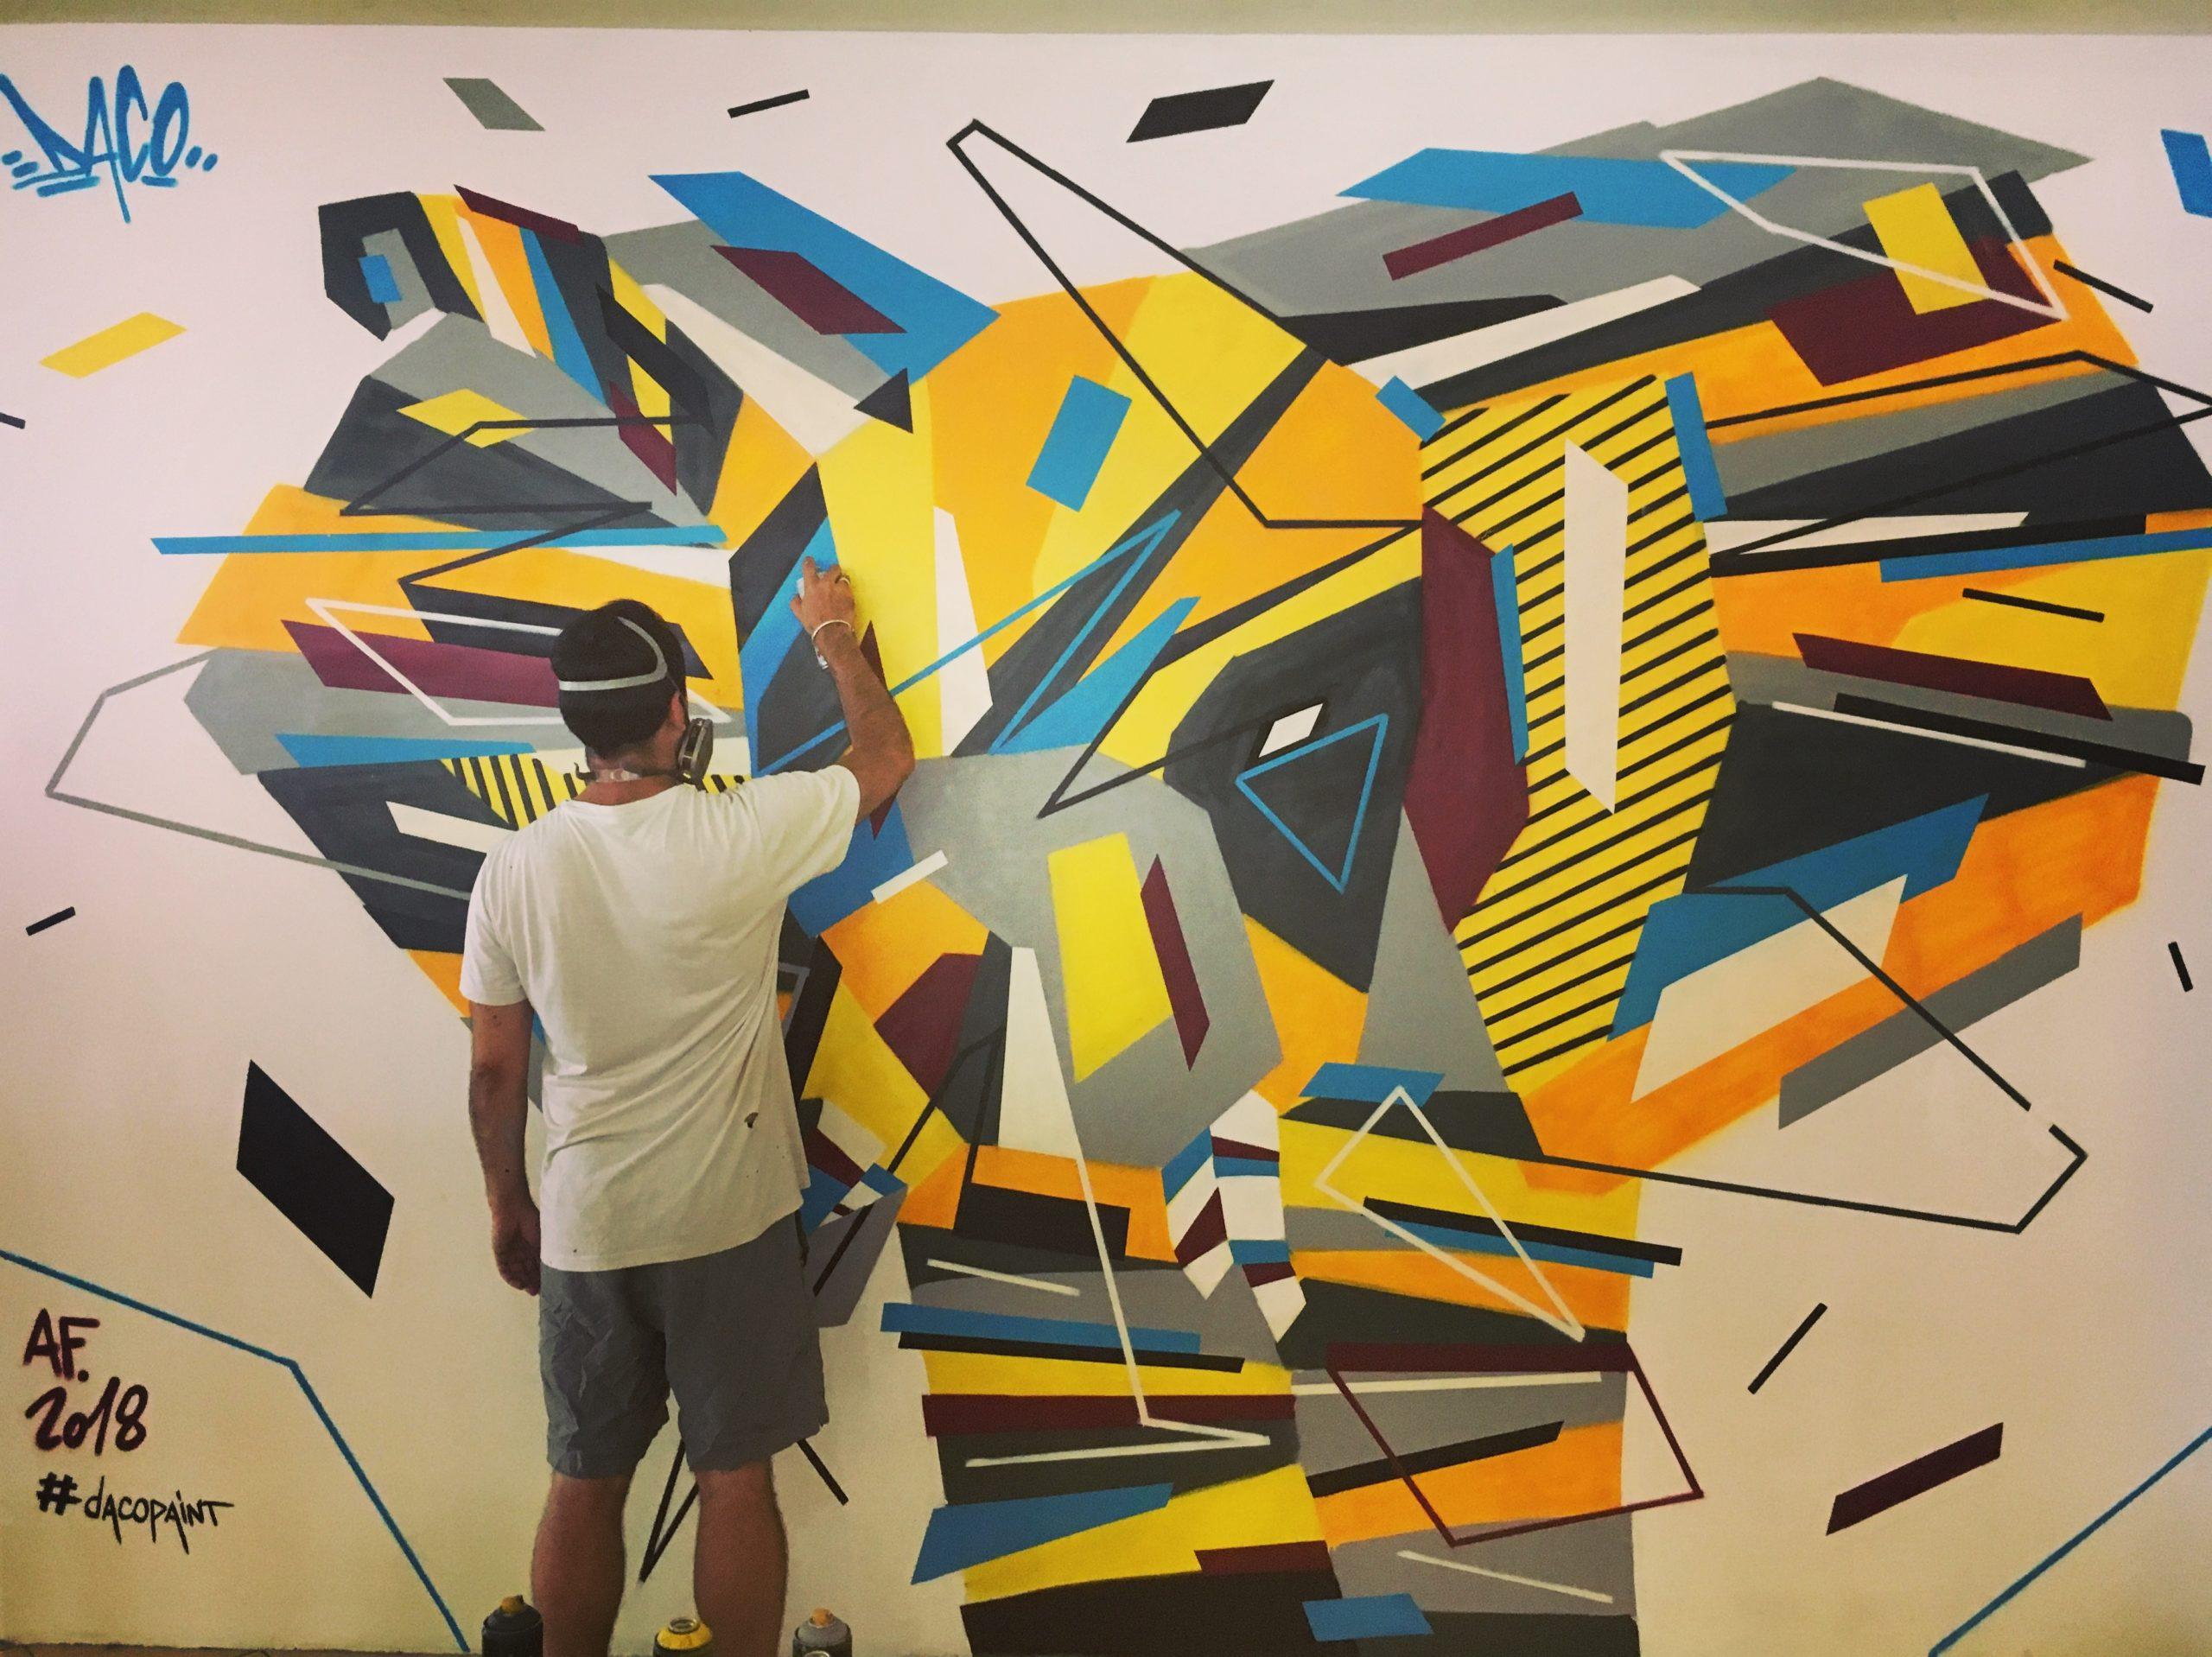 Fresque Graffaune Graffiti éléphant réalisée par Daco